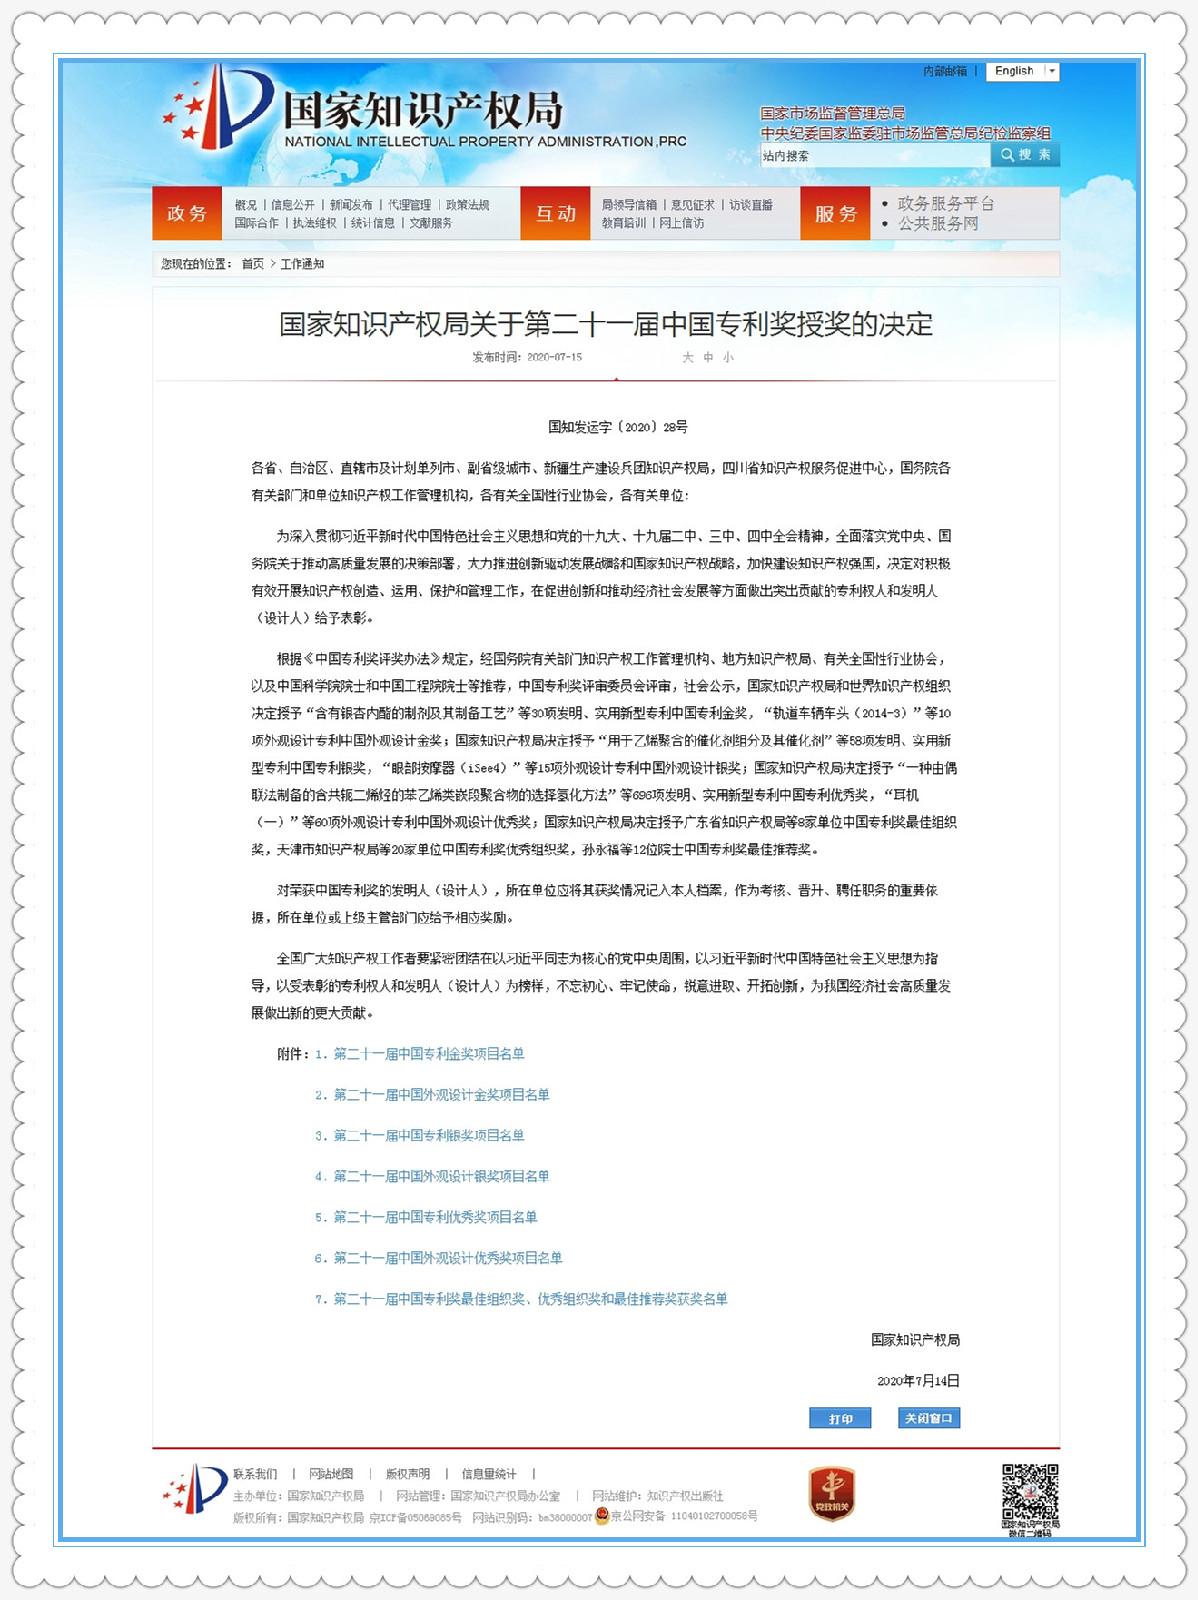 """公司发明专利""""一种插齿机电子螺旋导轨运动控制方法""""荣获""""中国专利优秀奖""""(内容详见附件)。"""